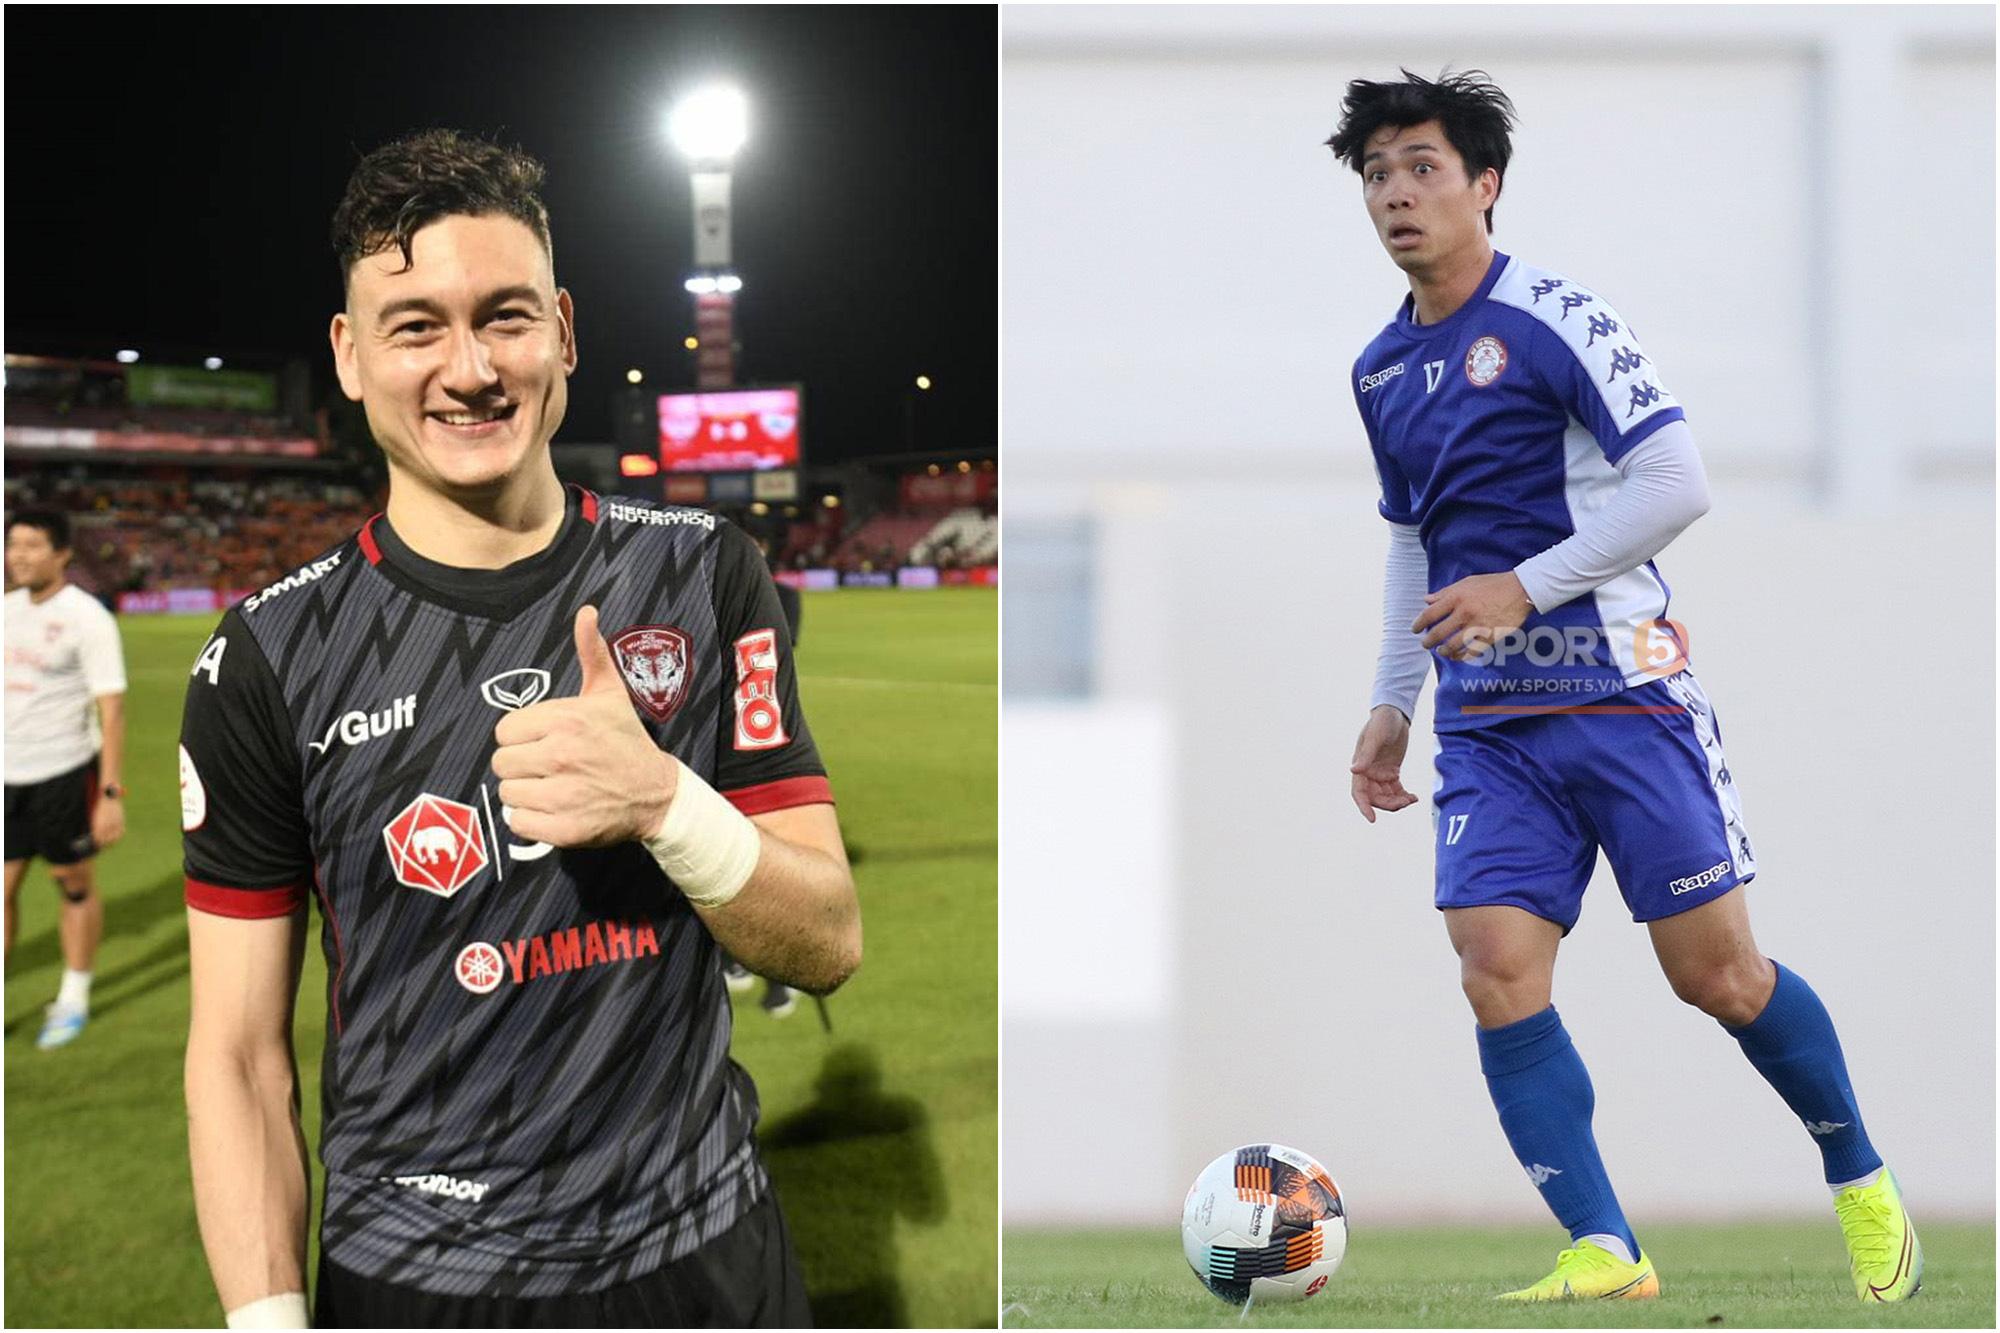 Không phải bầu Đức, bầu Hiển, đây mới là đội bóng V.League khát khao giải cứu Đặng Văn Lâm nhất - Ảnh 2.